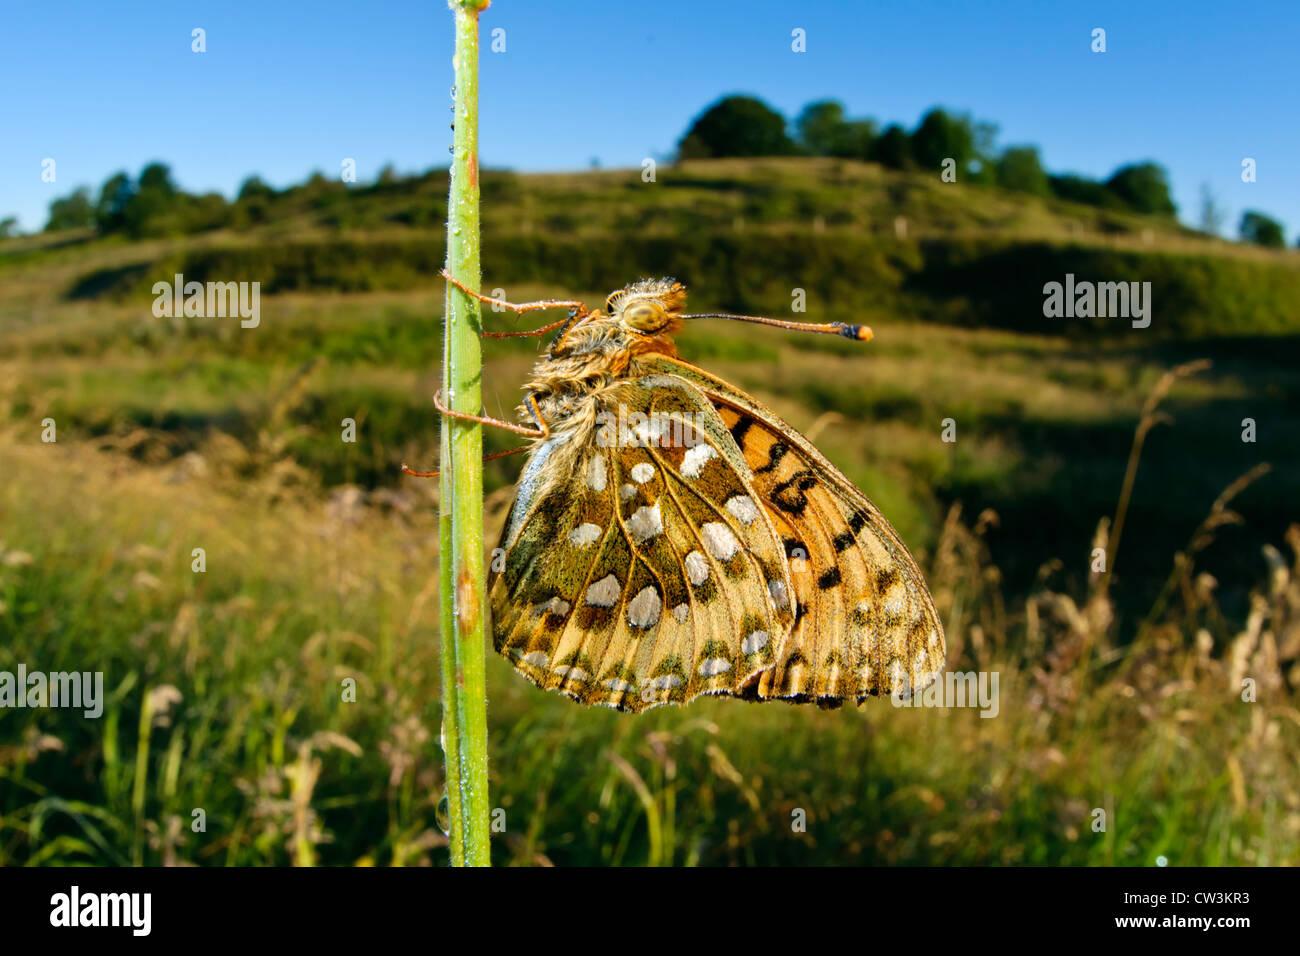 Dunkel grün Fritillary Schmetterling in einem grasbewachsenen Lebensraum Stockbild